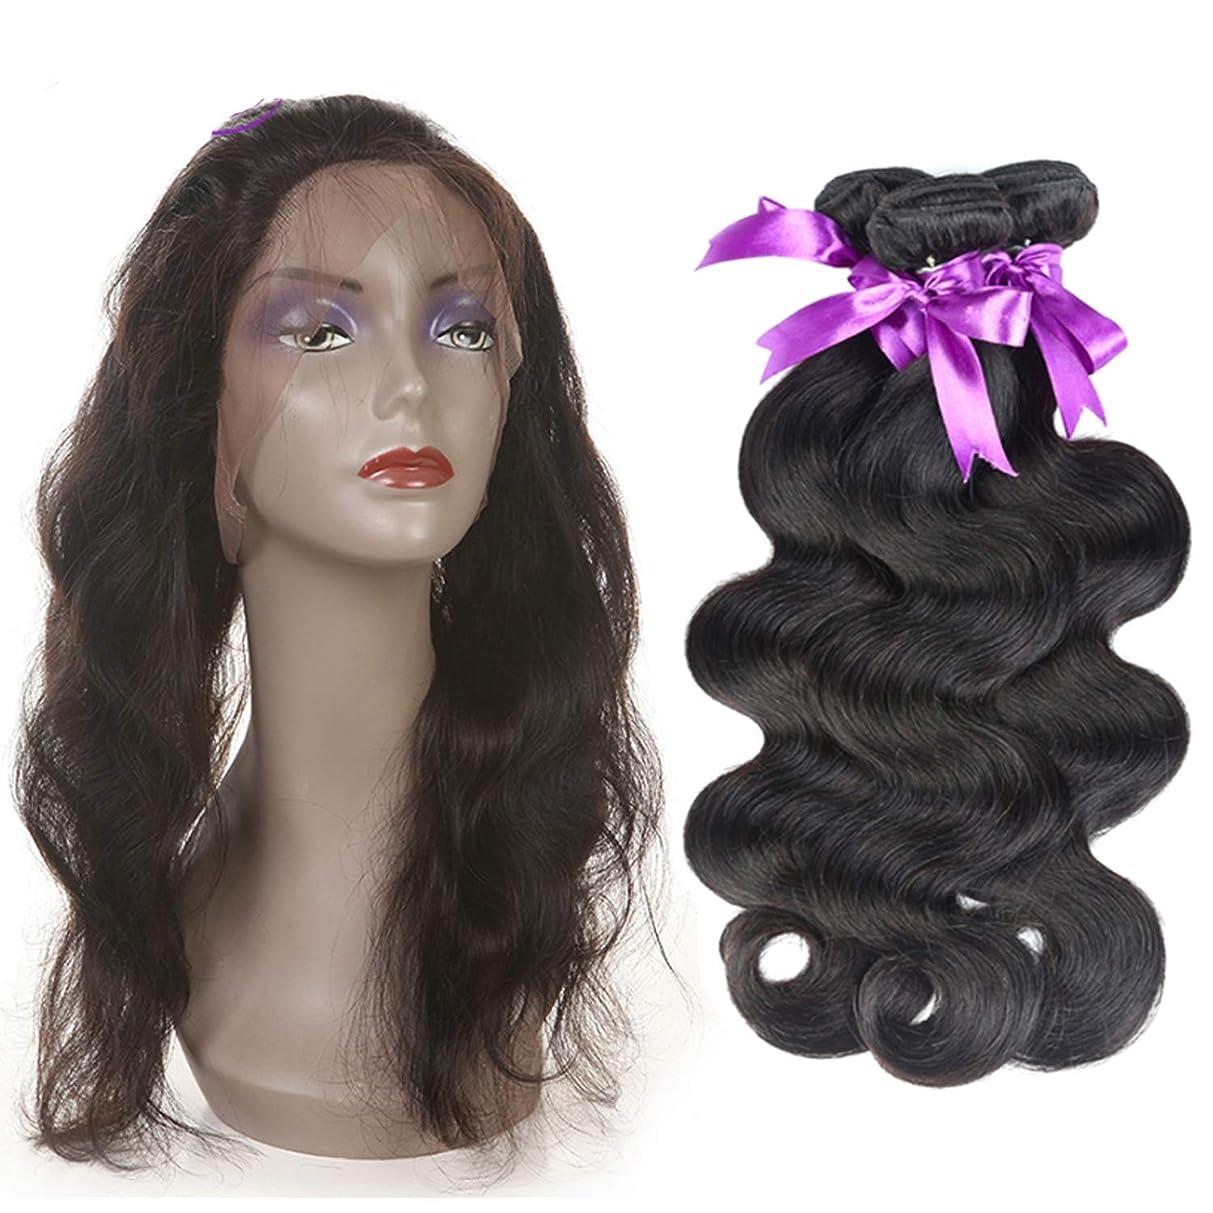 データムマスタードシャーロックホームズ360レース前頭閉鎖髪織りバンドル非レミー人間の髪を持つマレーシア実体波3バンドル (Length : 22 24 26 Closure 20)